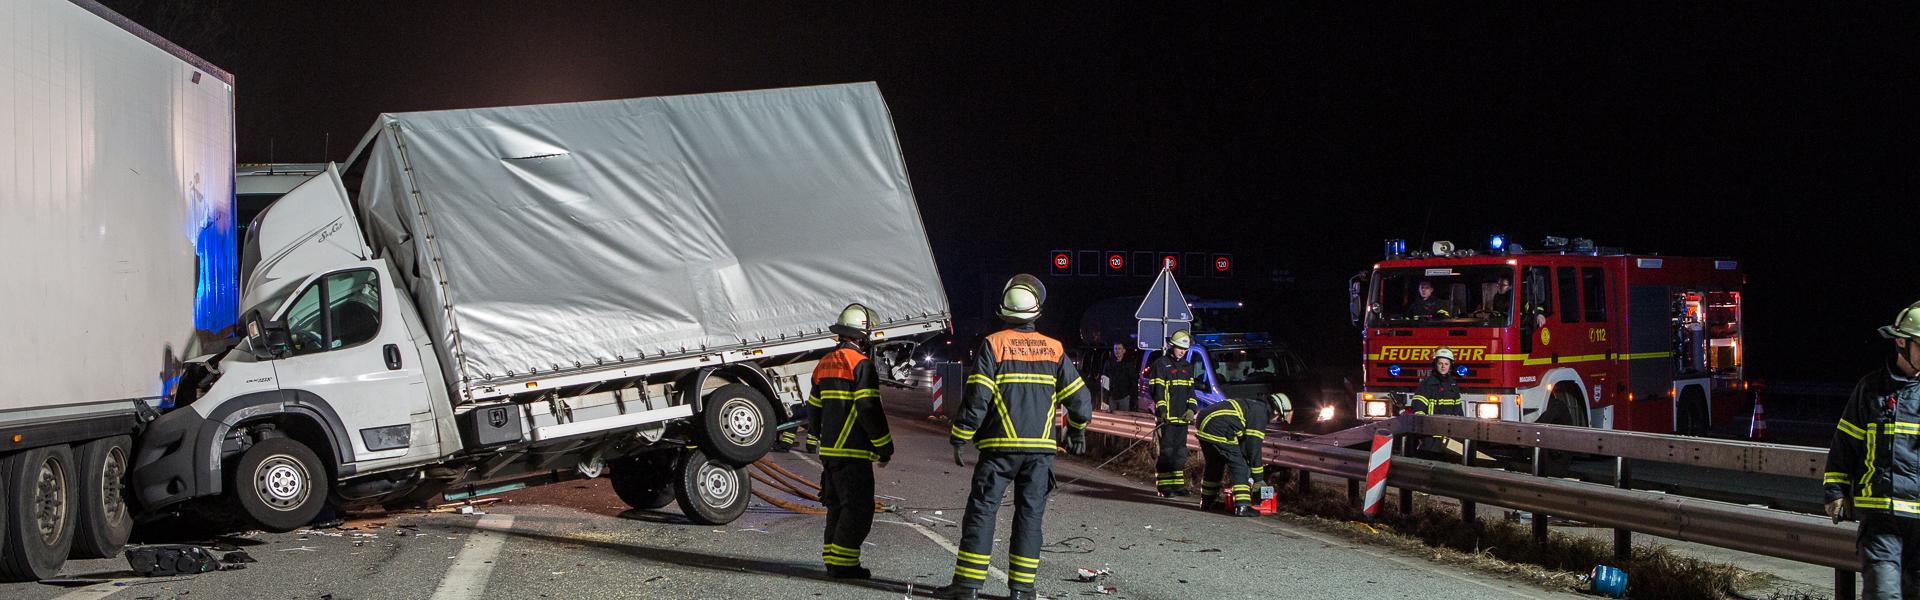 10.03.2017 – Schutzengel über der A1 verhindert Schlimmeres